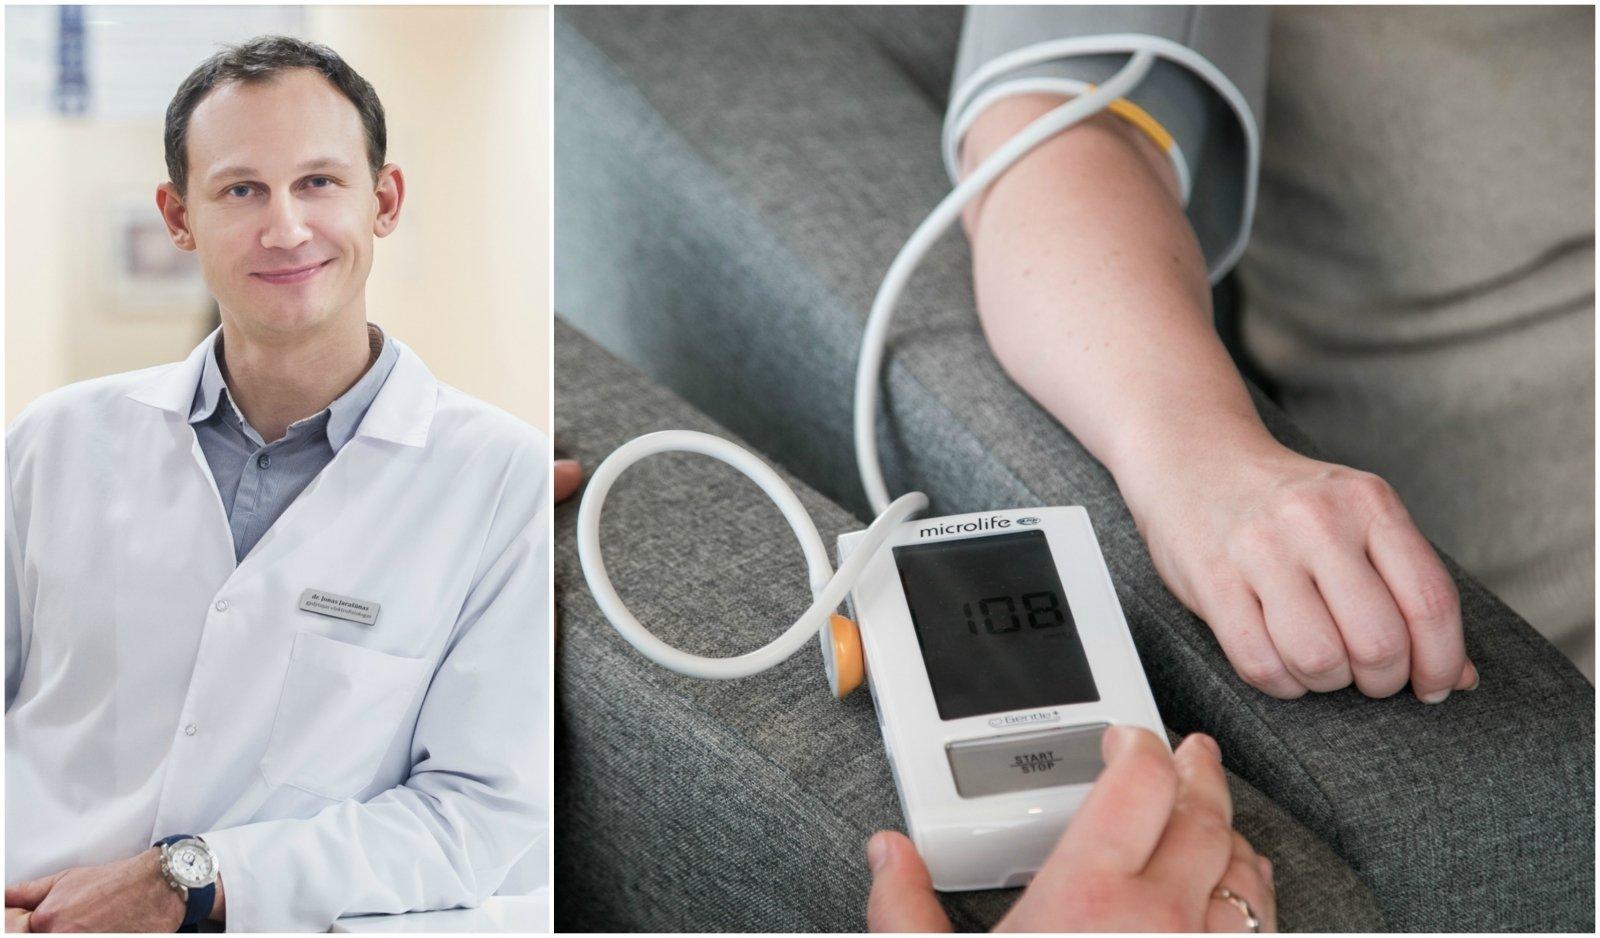 Kaip išgydyti hipertenziją amžinai? - Anatomija November